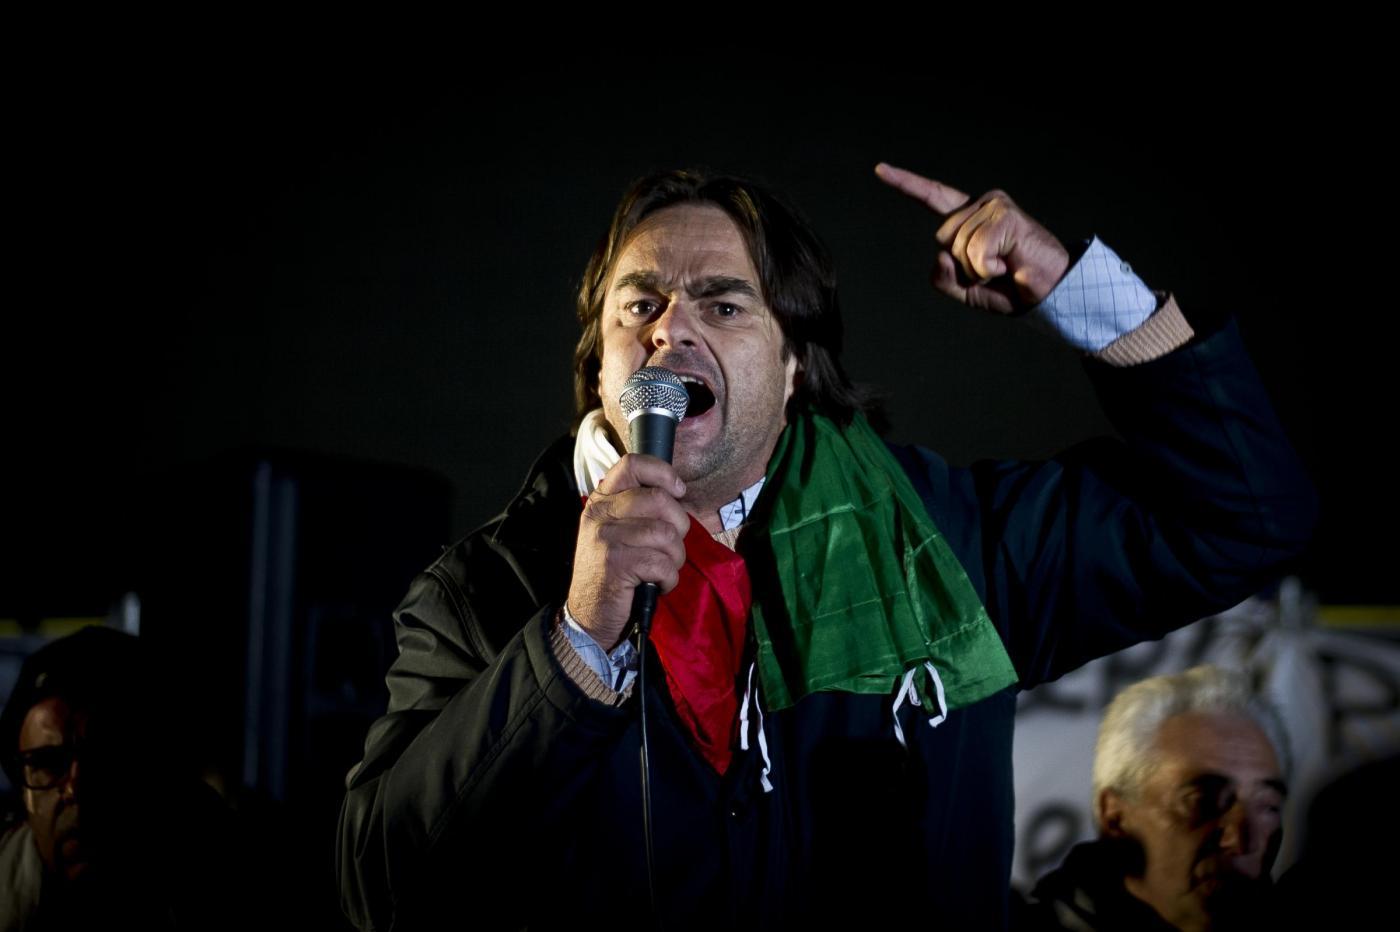 Il ritorno dei Forconi e di Danilo Calvani, ancora per il 9 dicembre